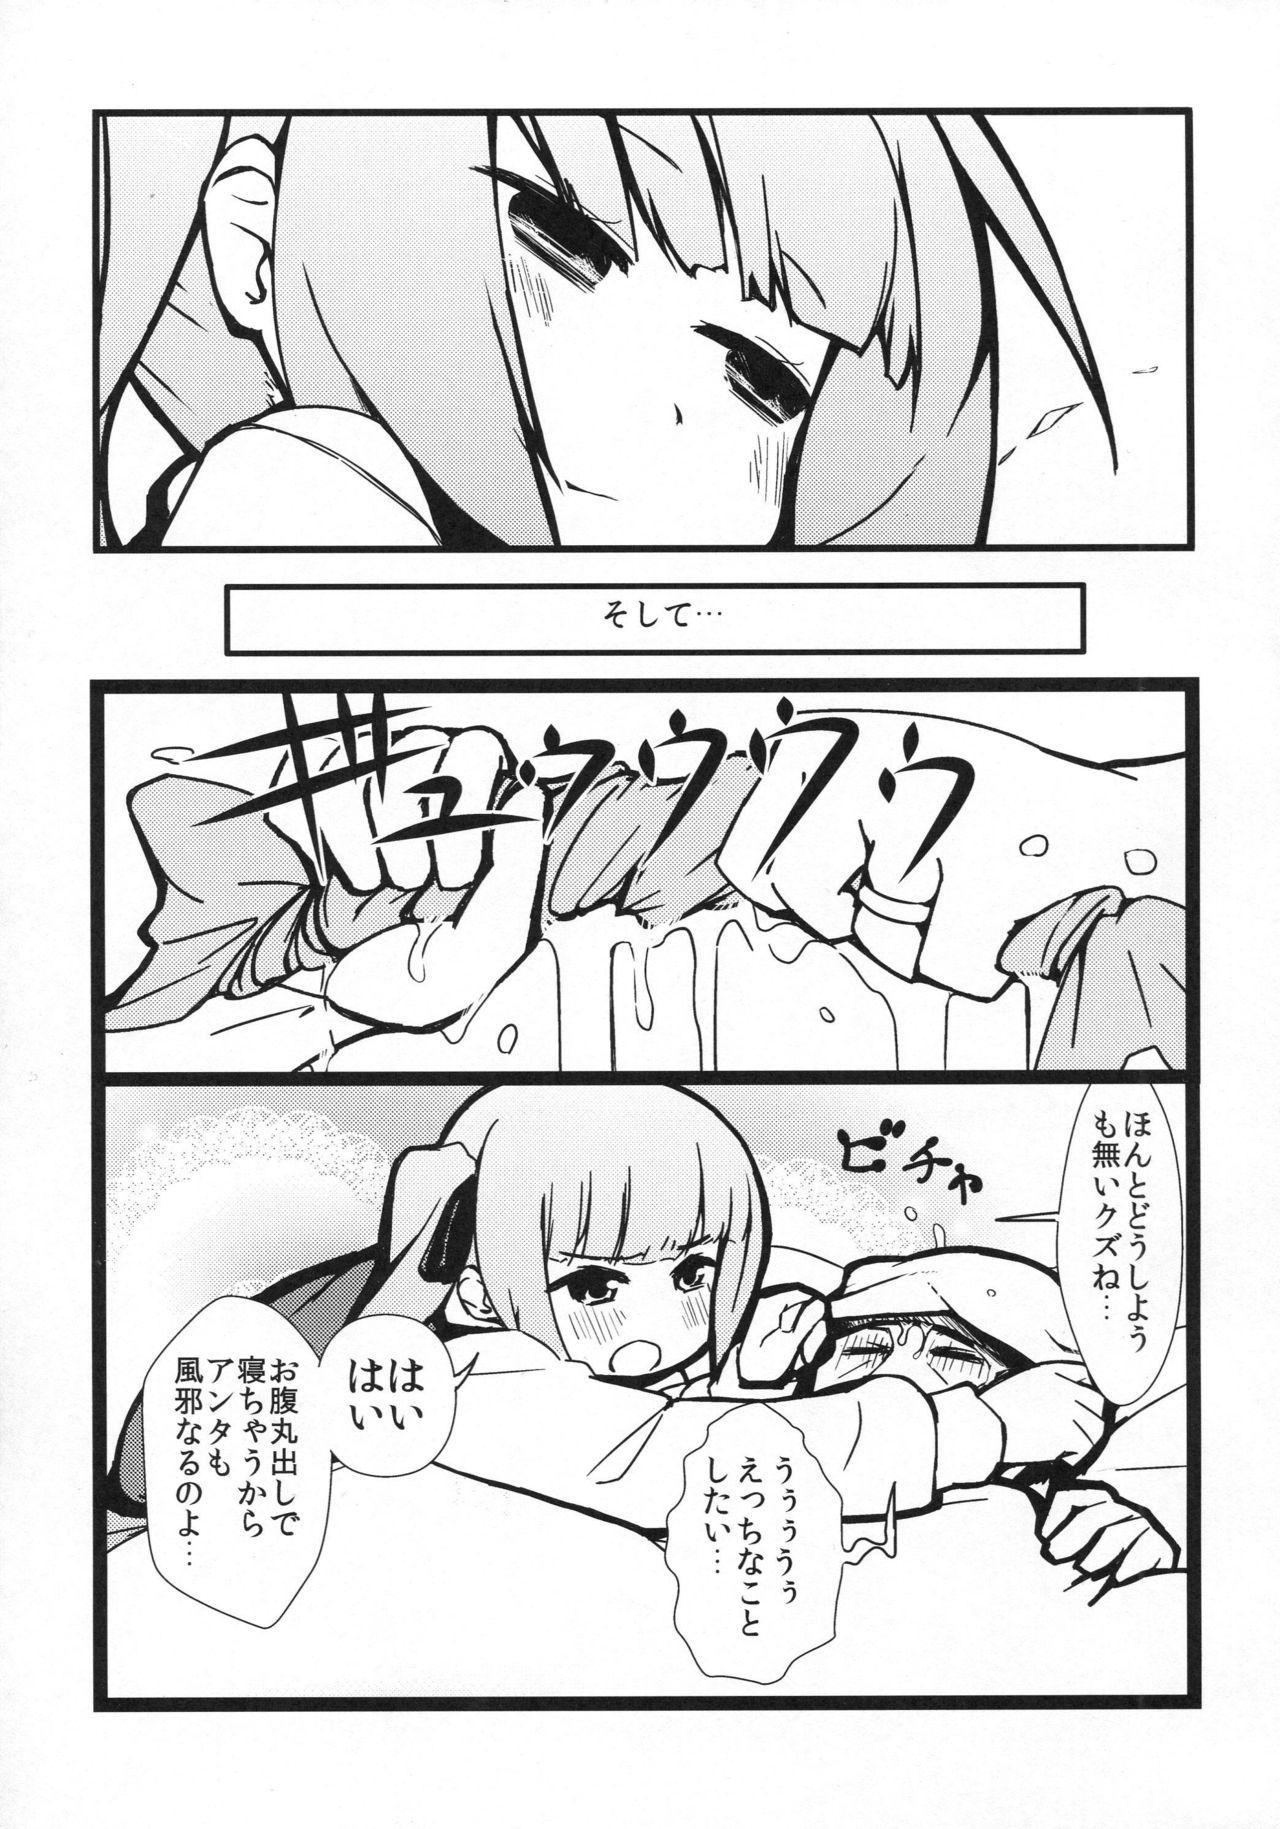 Kasumi to Sukebe shitai 17